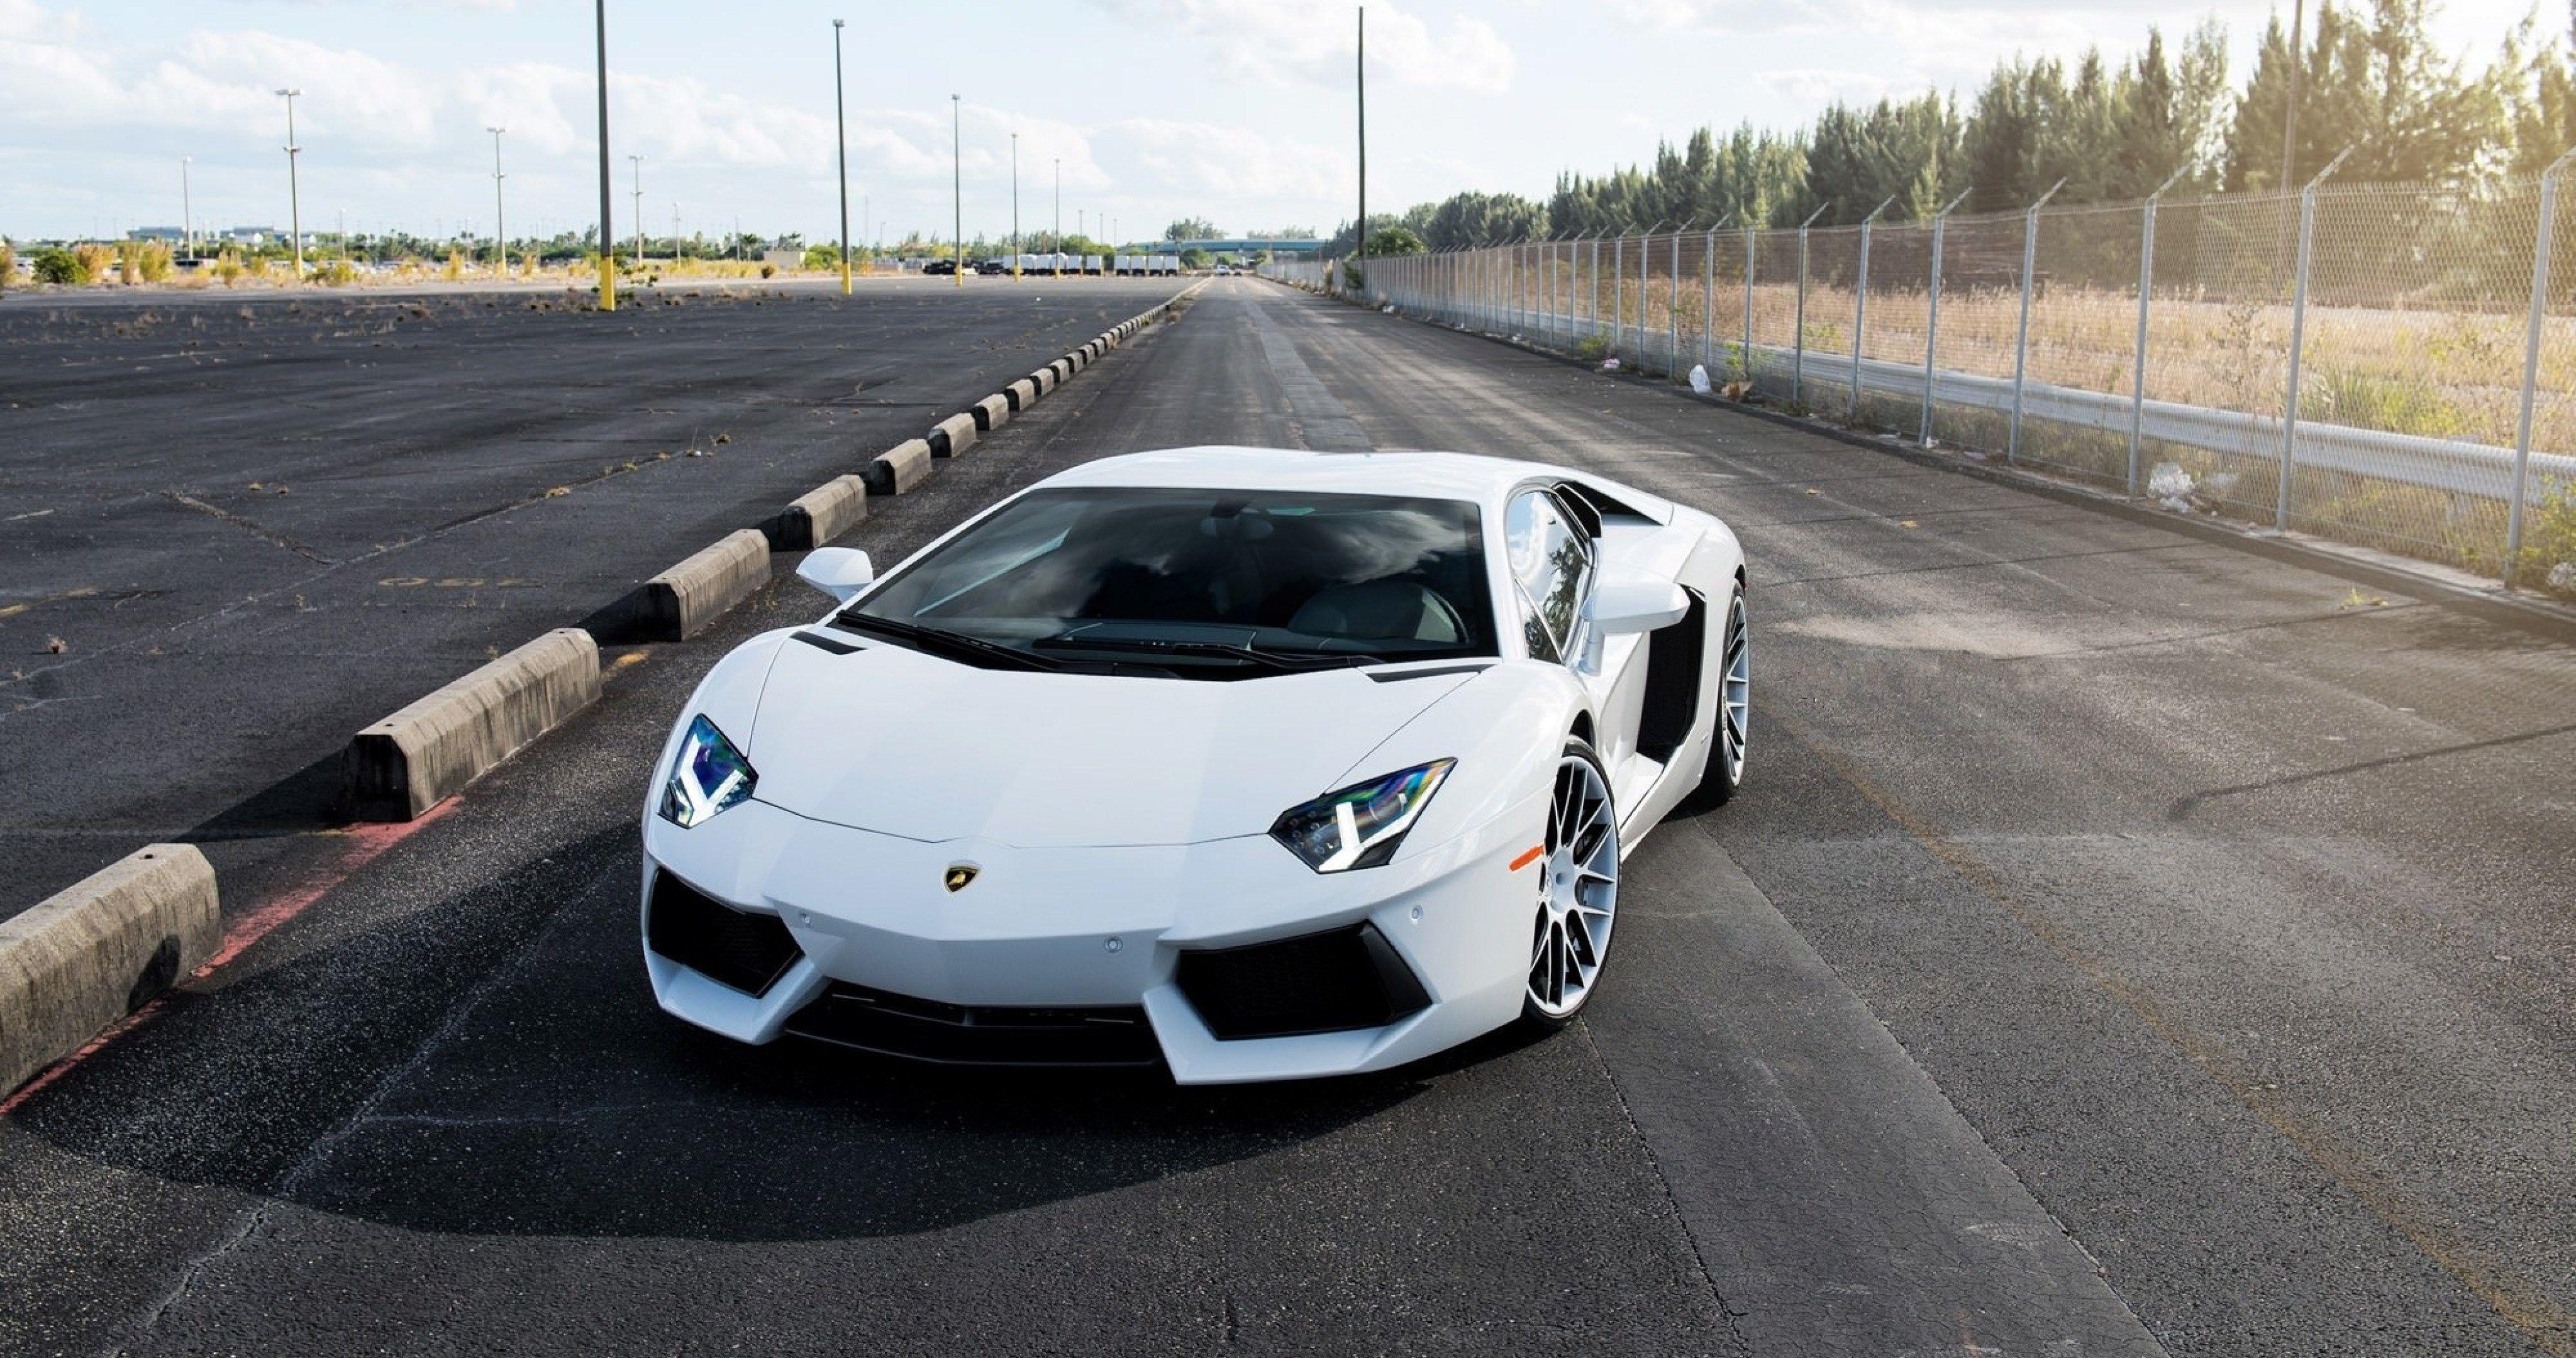 Lamborghini Aventador Lp700 4 4k Ultra Hd Wallpaper